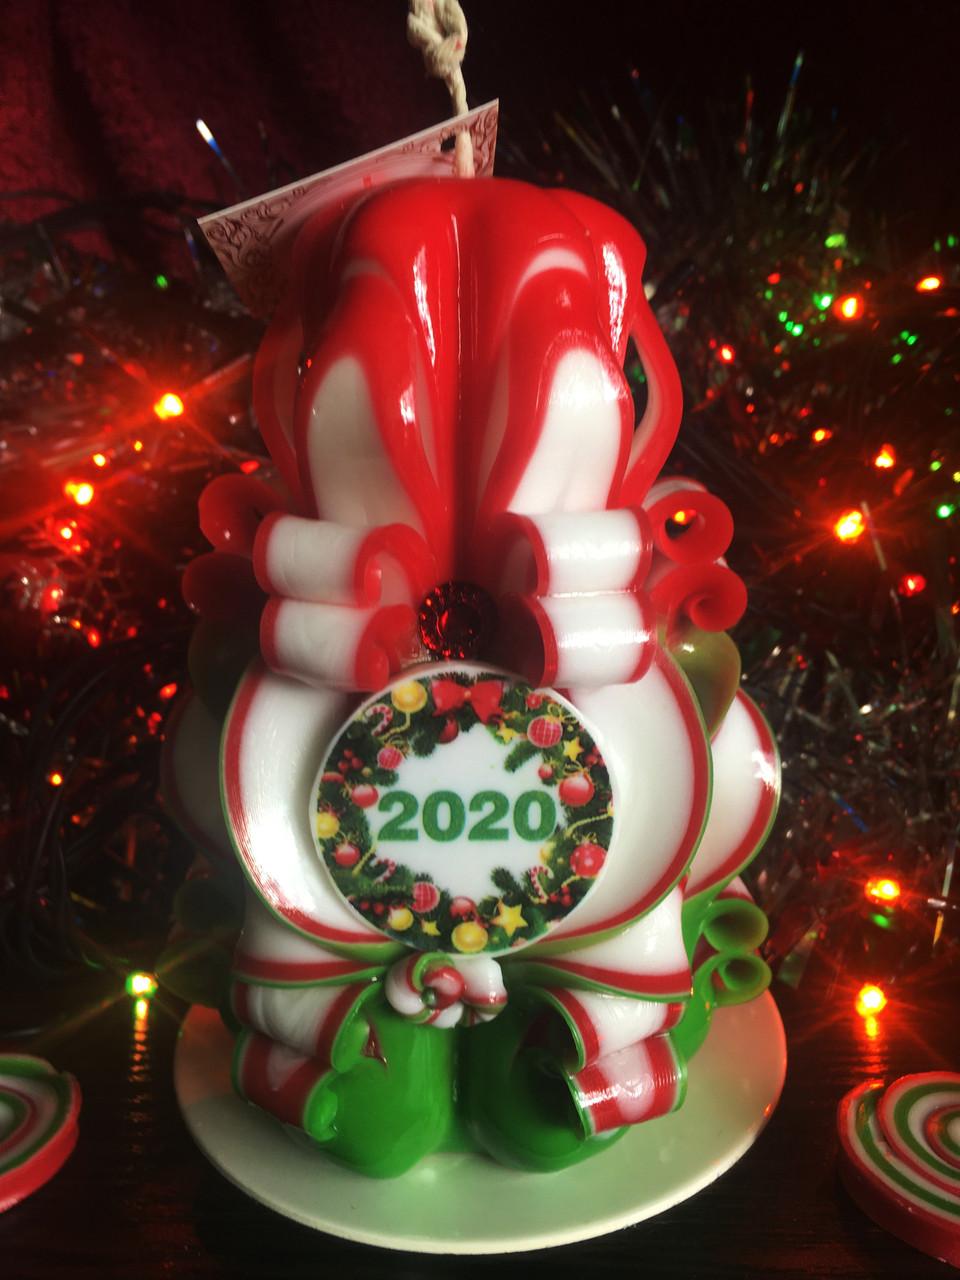 Свеча 2020 новогодняя, ручной работы, красиво горит и украшает интерьер